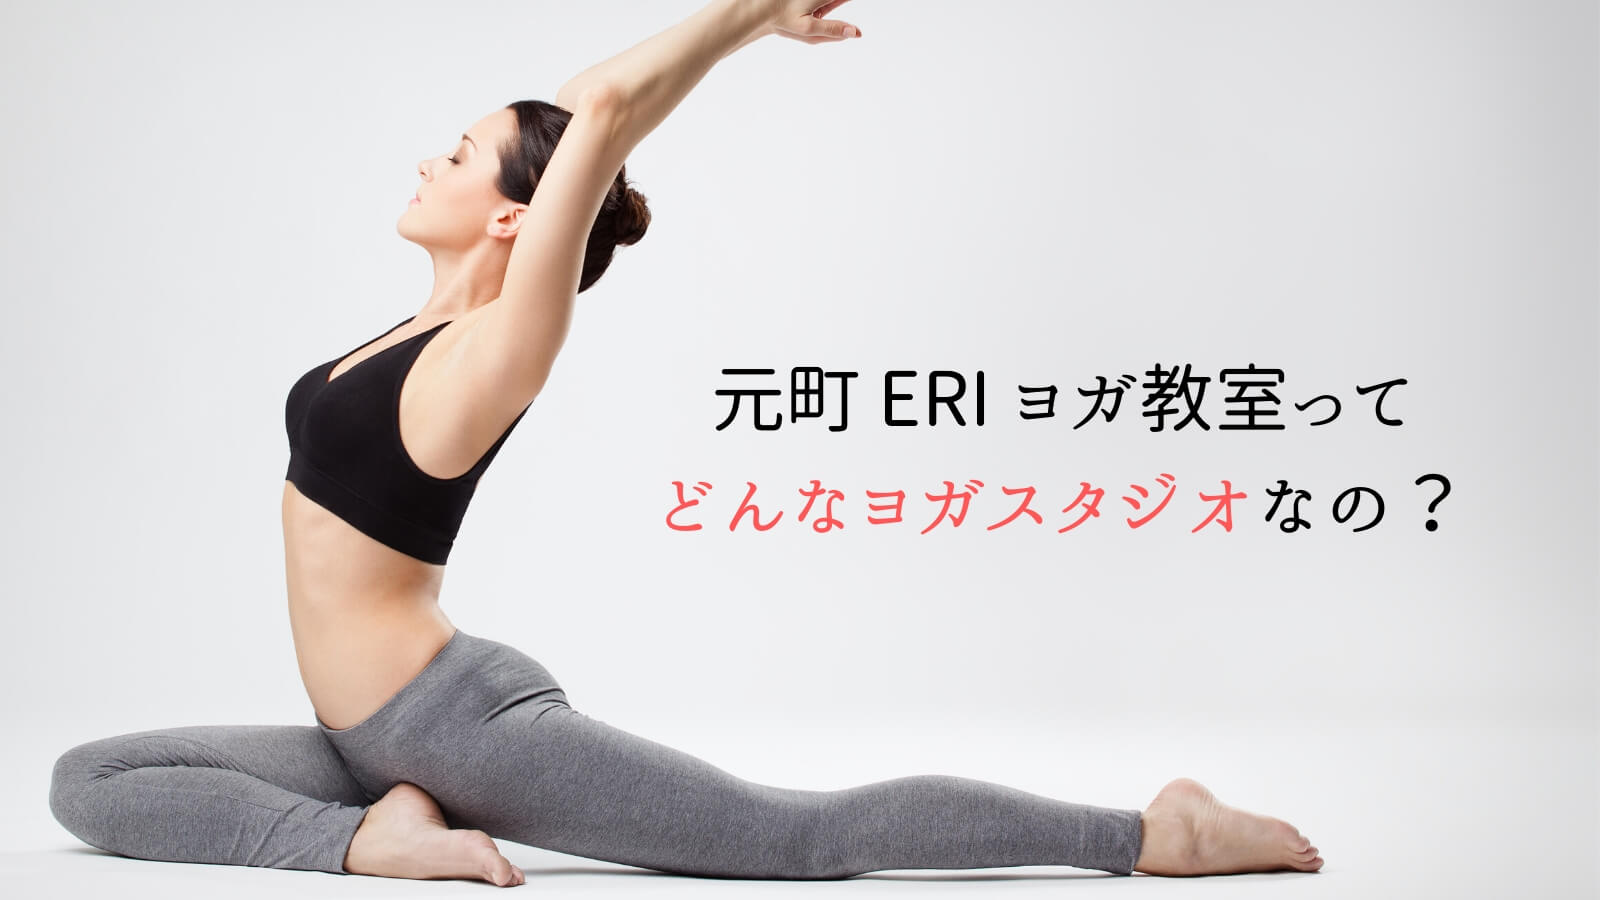 元町 ERI ヨガ教室ってどんなヨガスタジオなの?